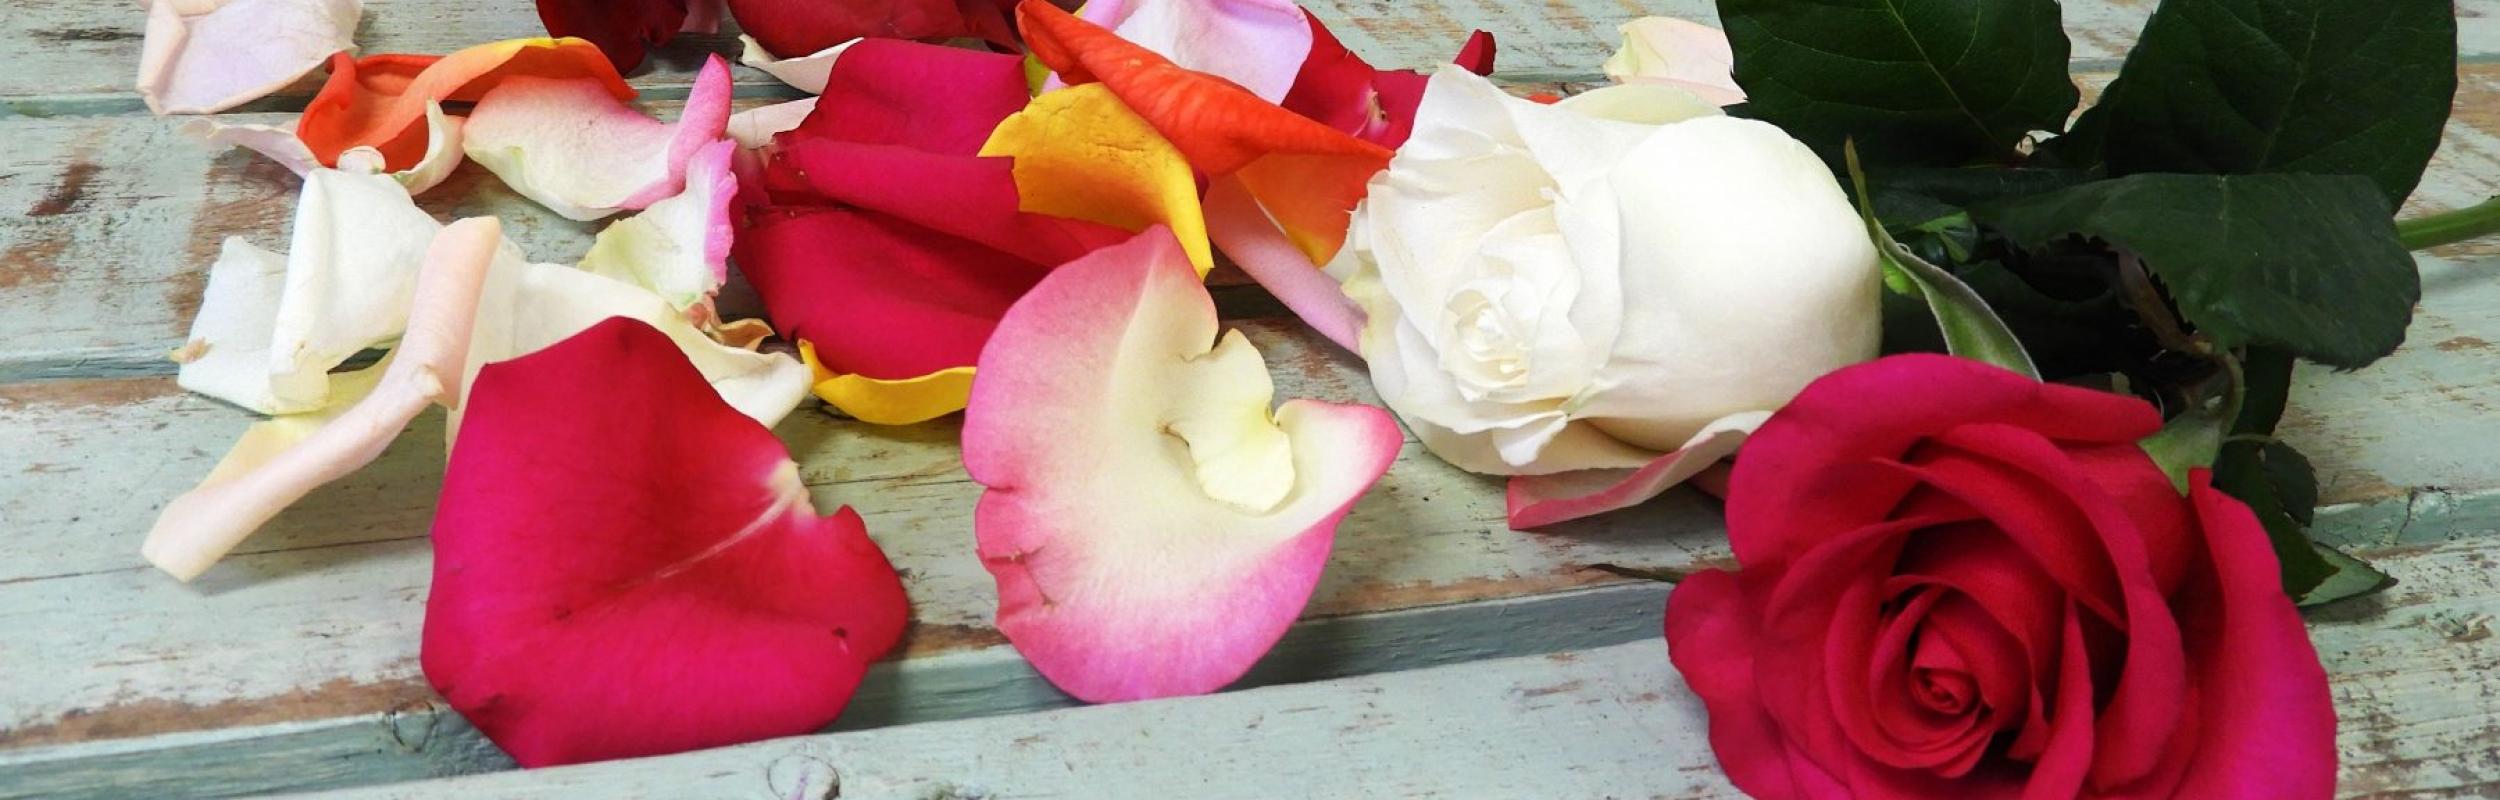 Rose Petals – 1